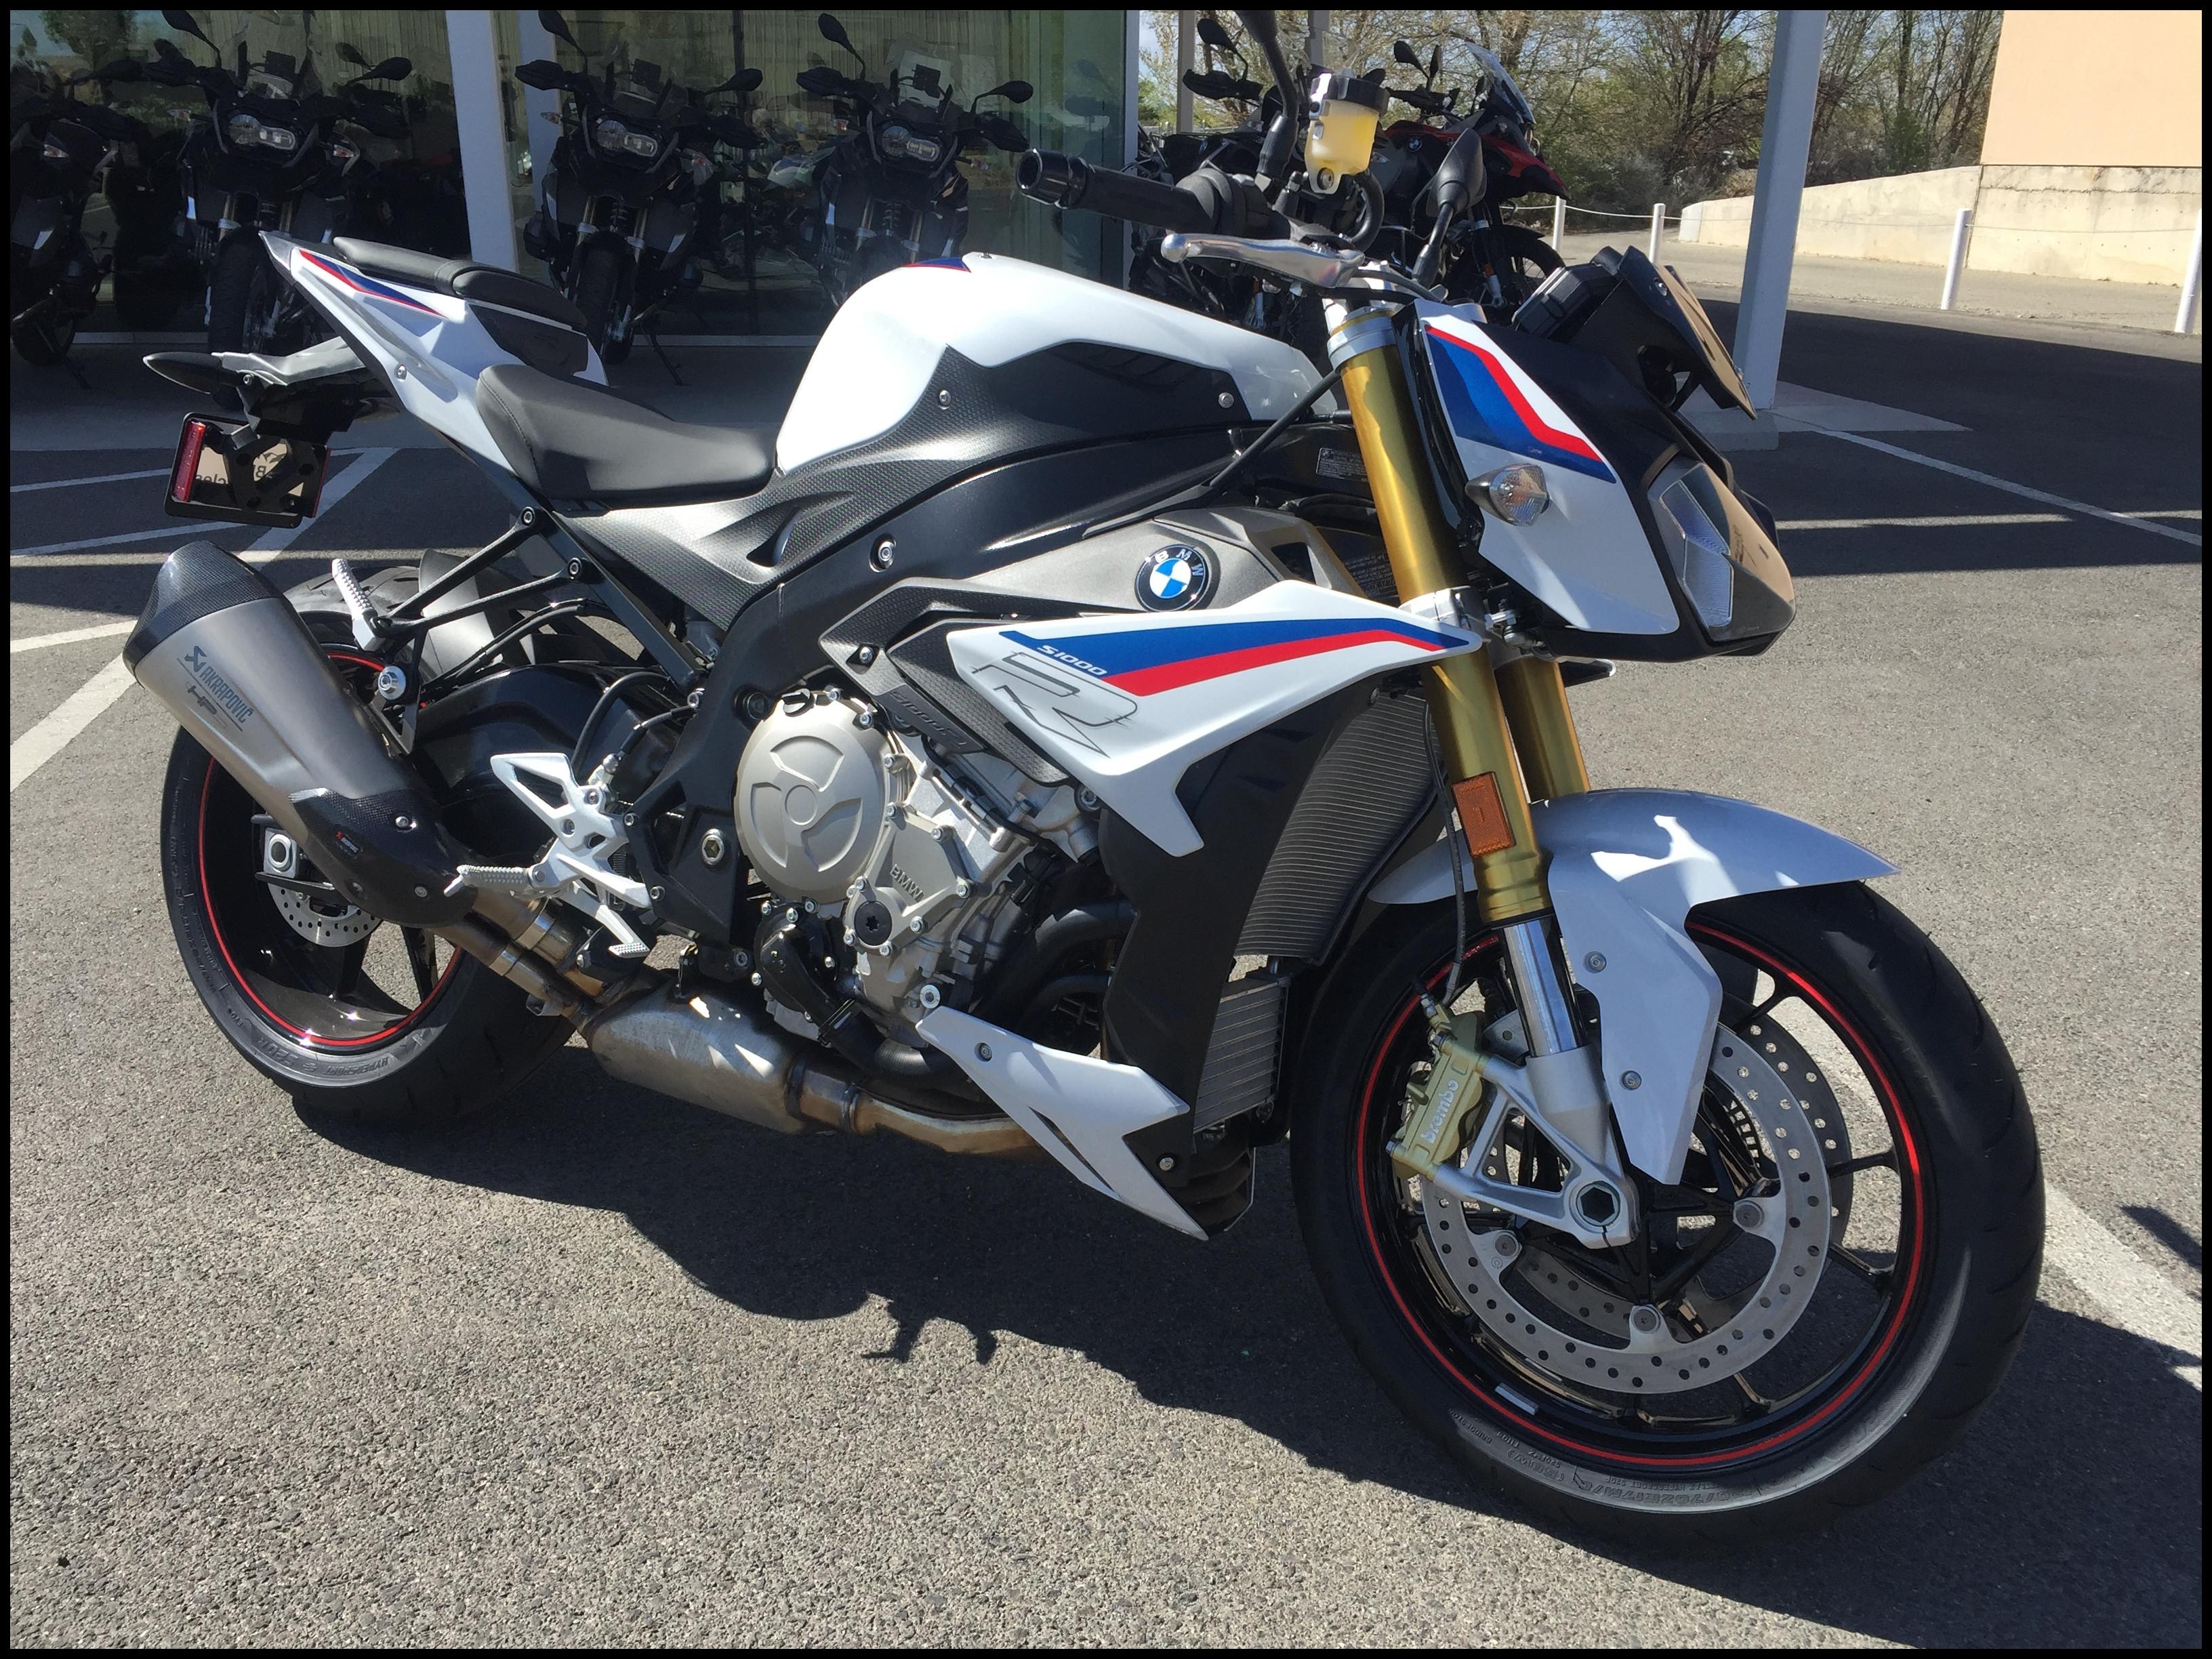 2018 Bmw Motorcycles Usa Inspirational New Bmw Motorcycles Santa Fe Bmw Motorcycles